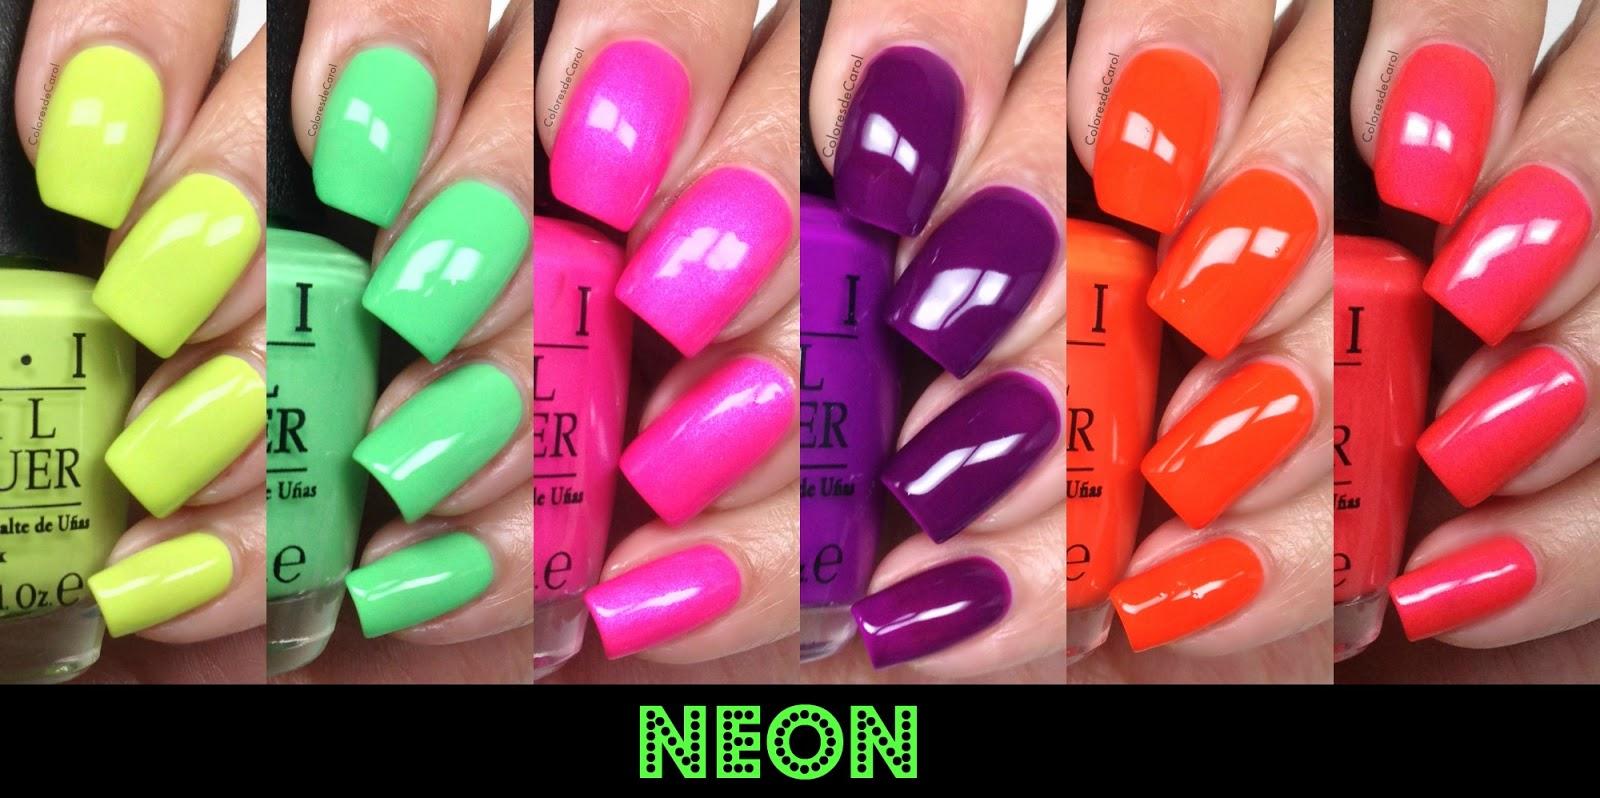 Old Fashioned Opi Hot Pink Nail Polish Colors Photos Nail Art Ideas Morihaticom